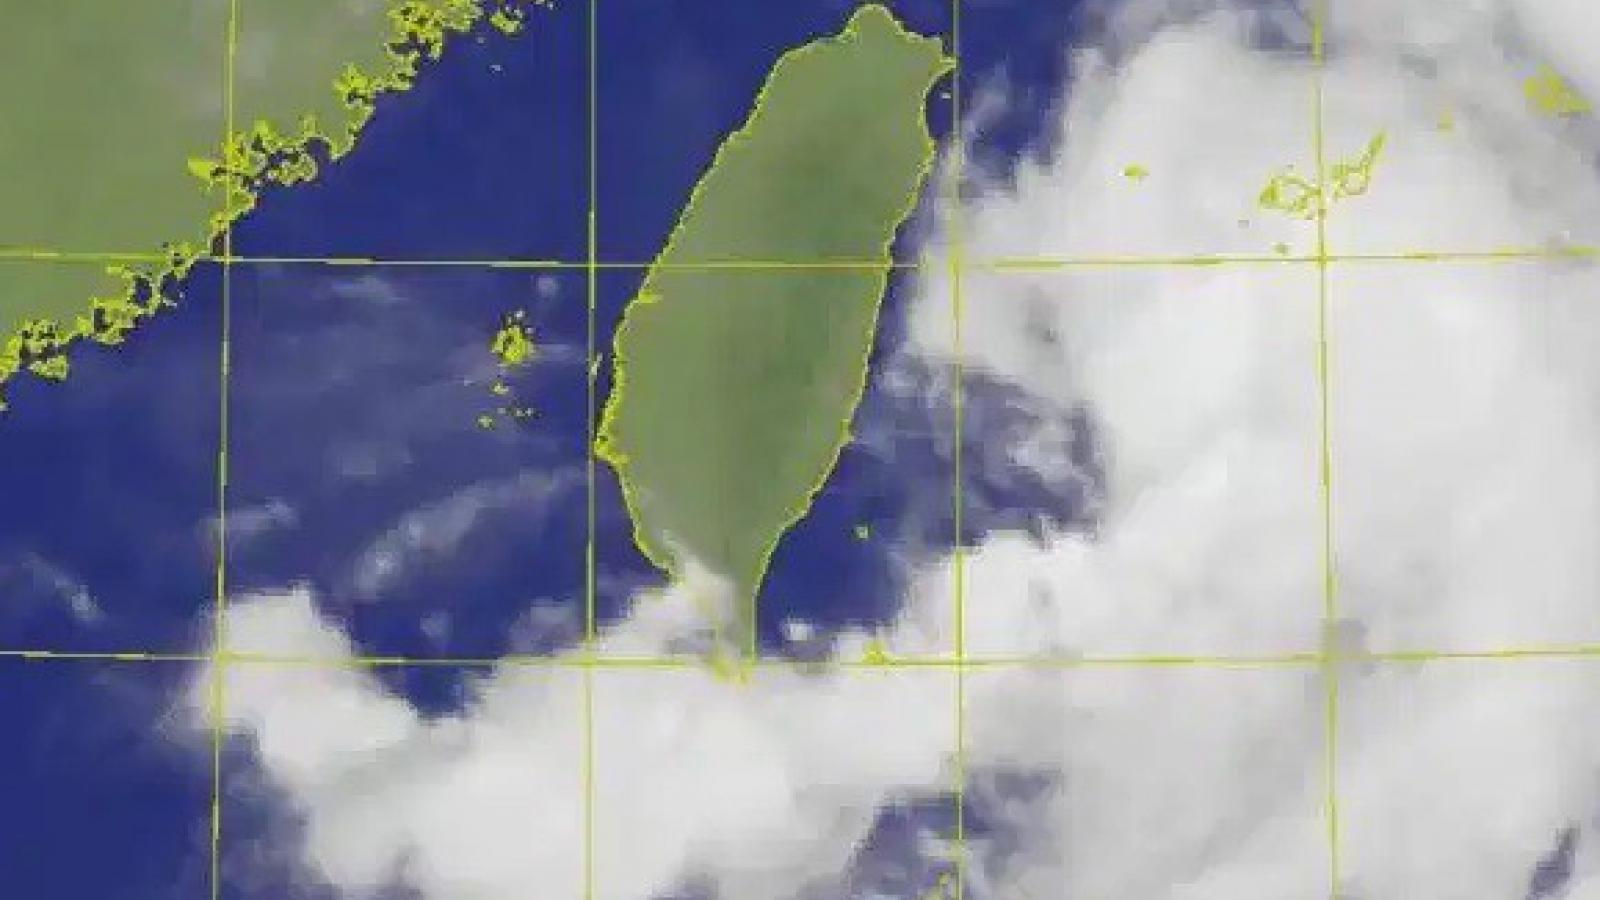 Trung Quốc sắp chịu ảnh hưởng của bão Bavi - bão lớn nhất từ đầu năm